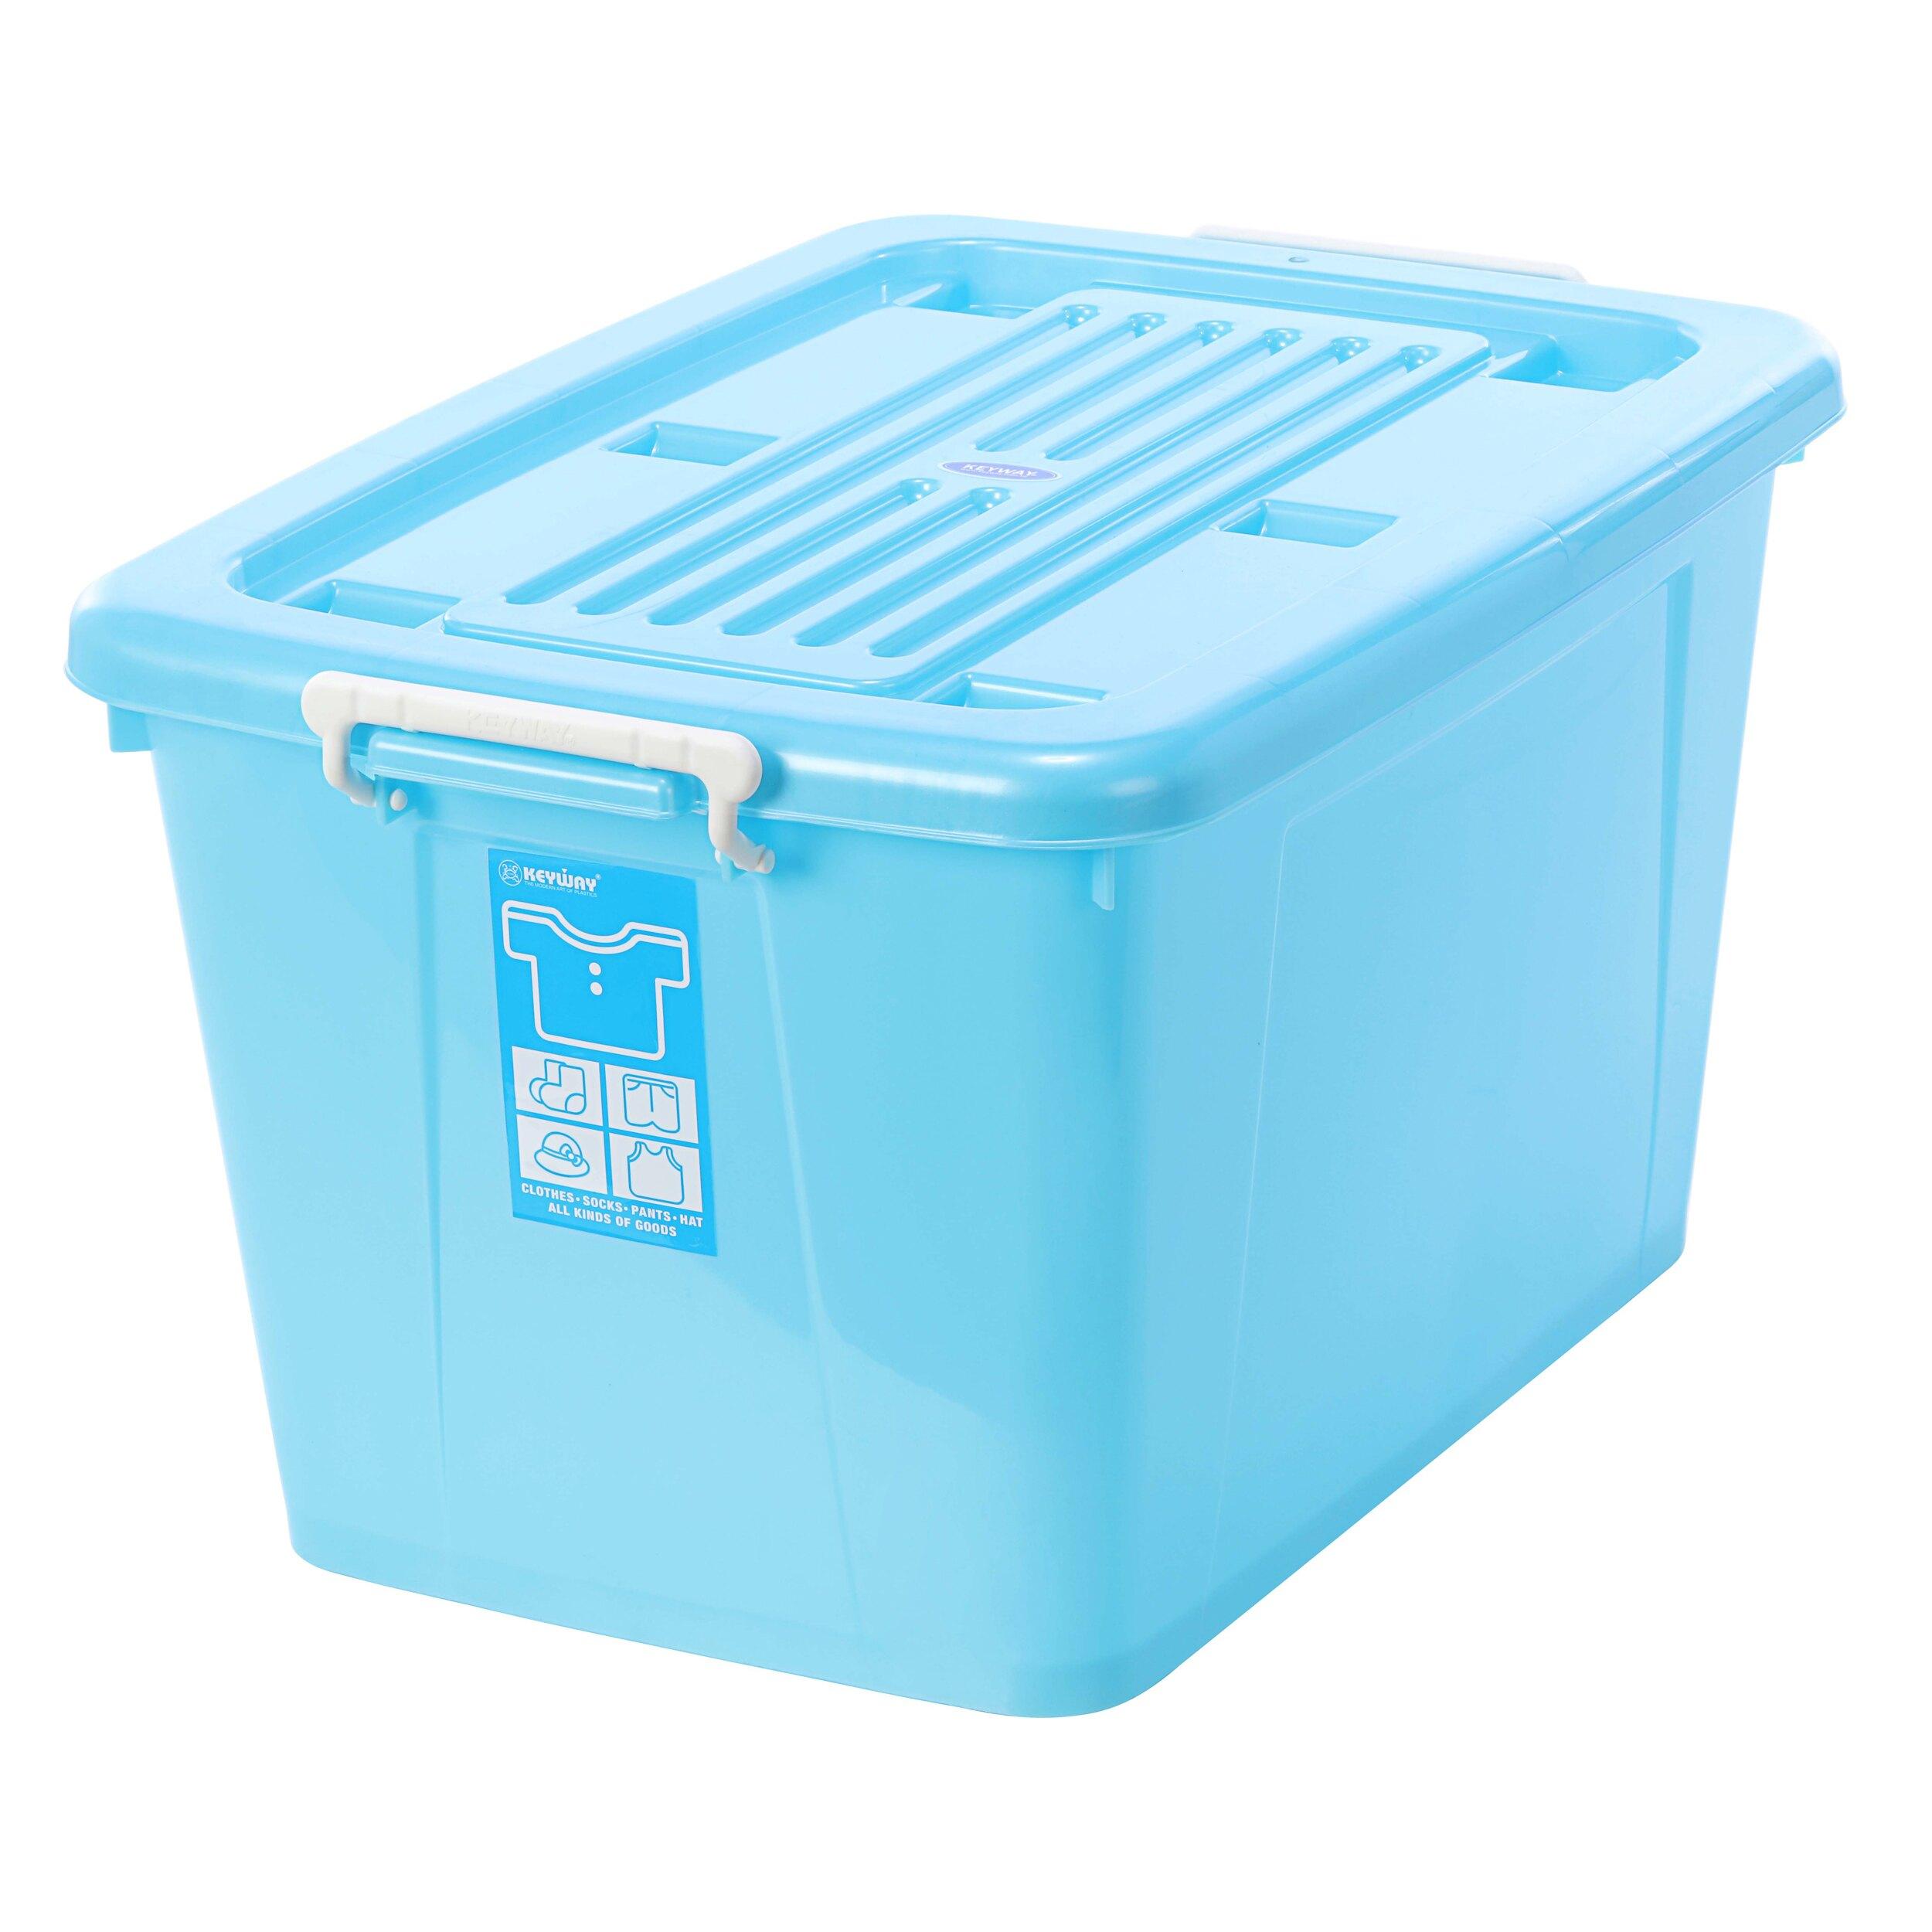 換季/衣物收納/滑輪整理箱/玩色高手/MIT台灣製造 銀采滑輪整理箱【藍】 AK800 KEYWAY聯府